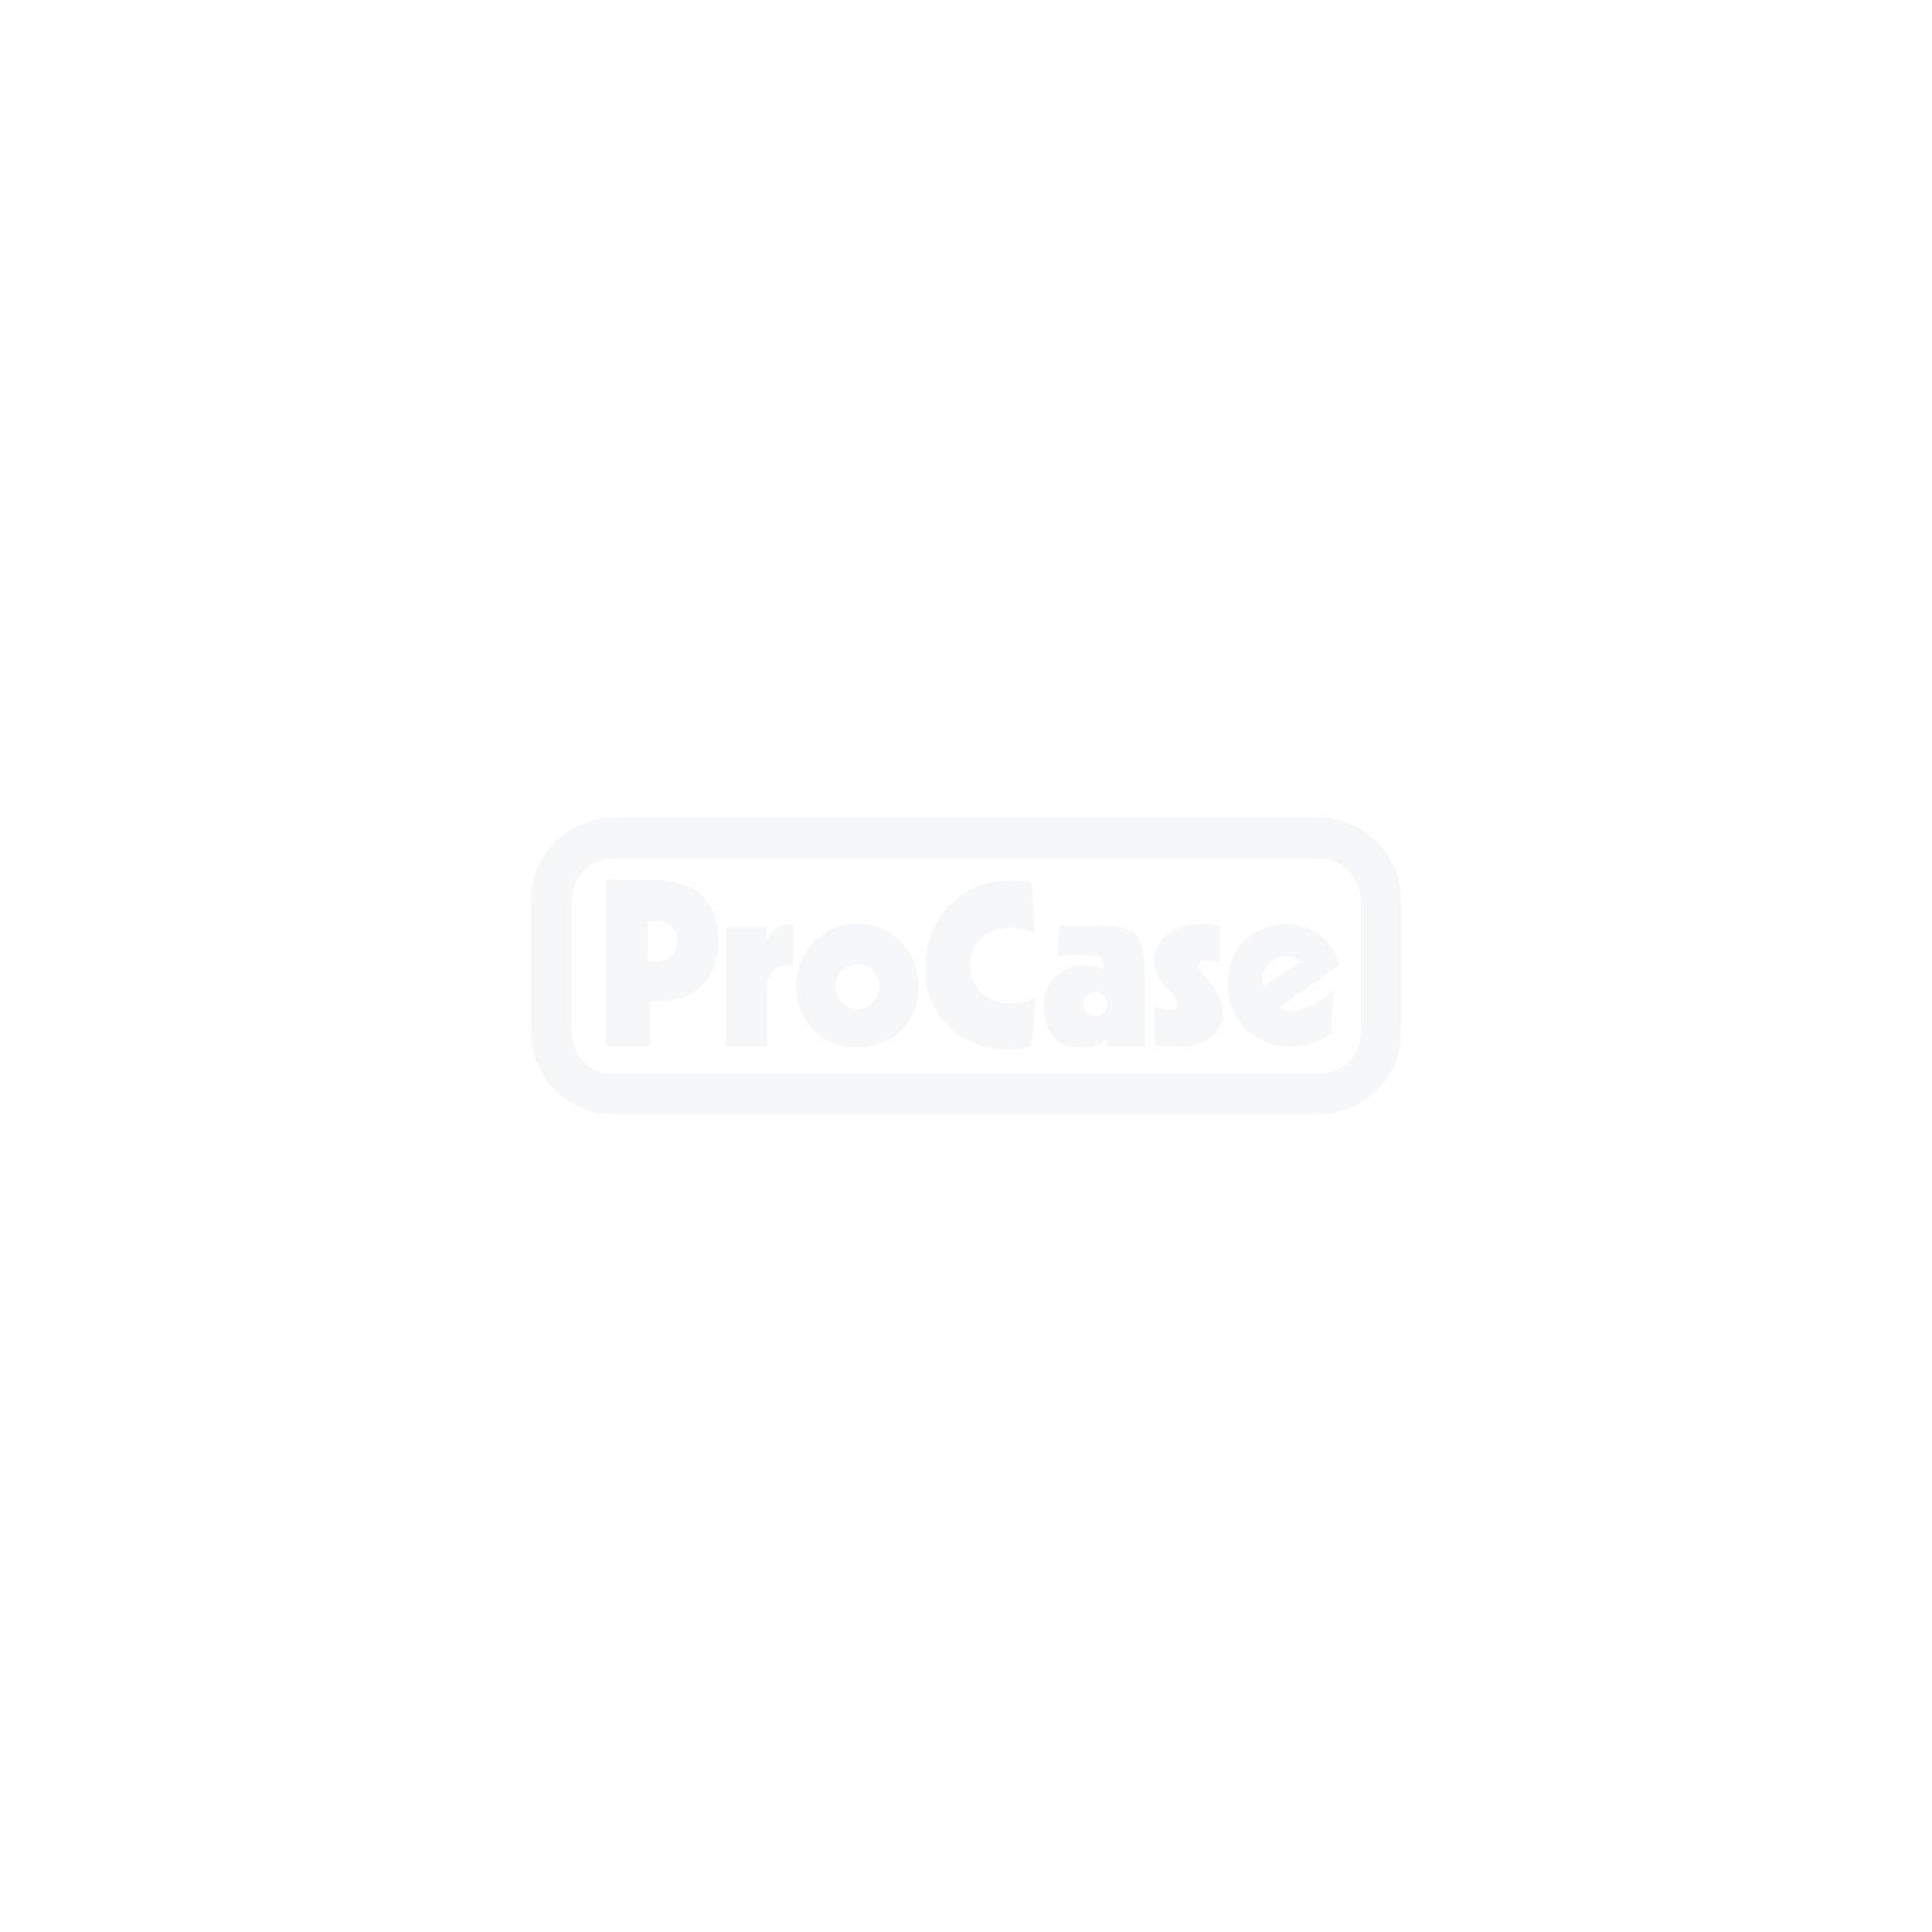 Haubencase für 4x 3HE Rackmodule 715mm